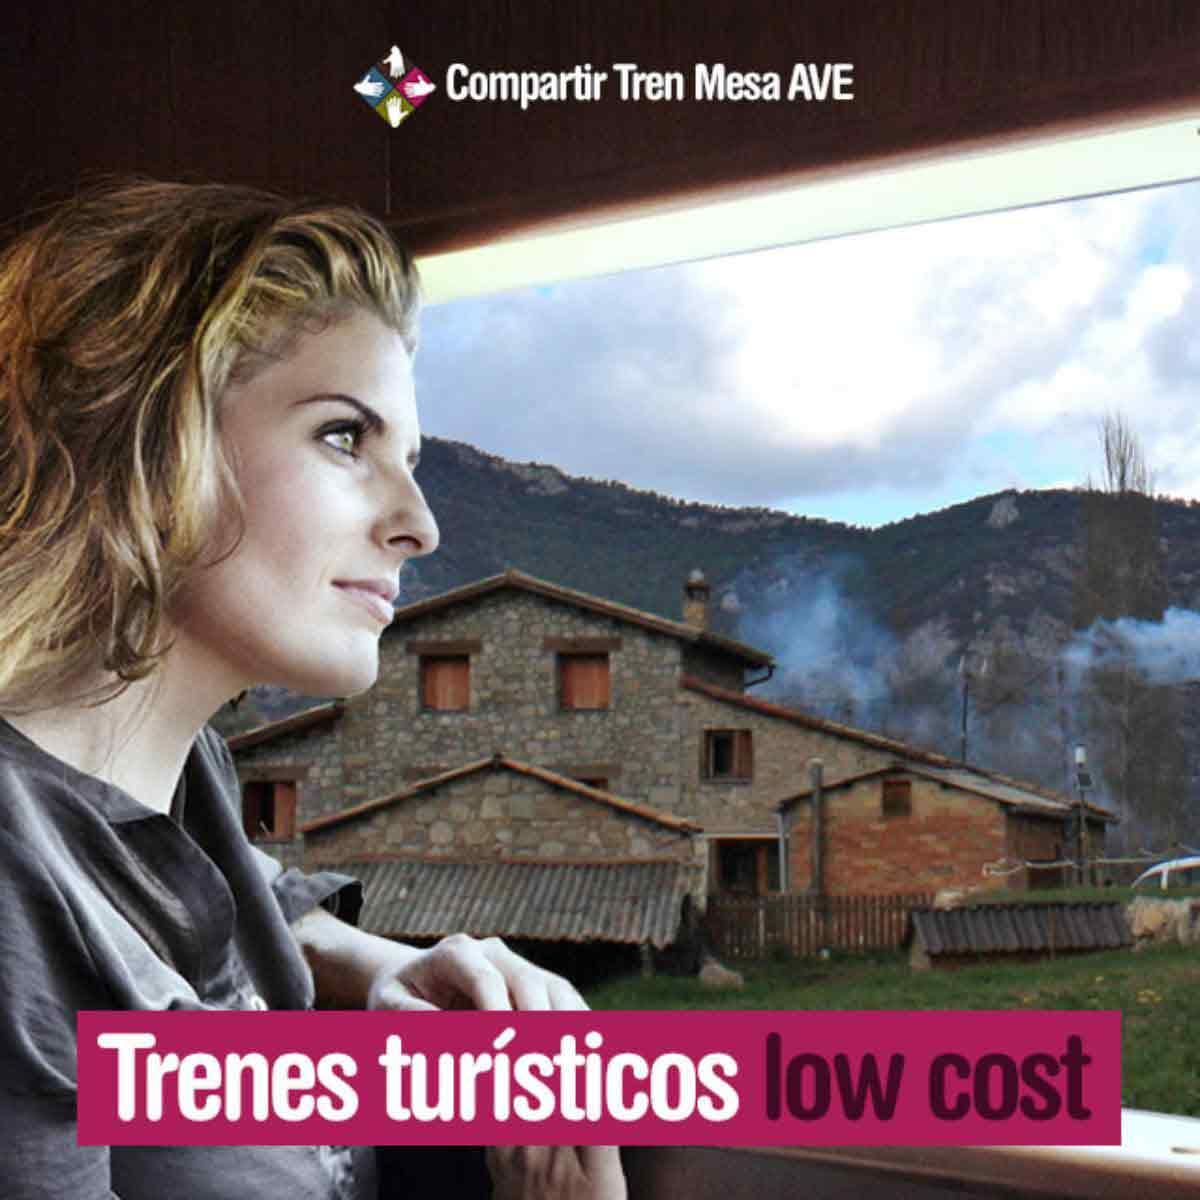 10 Trenes turísticos low cost